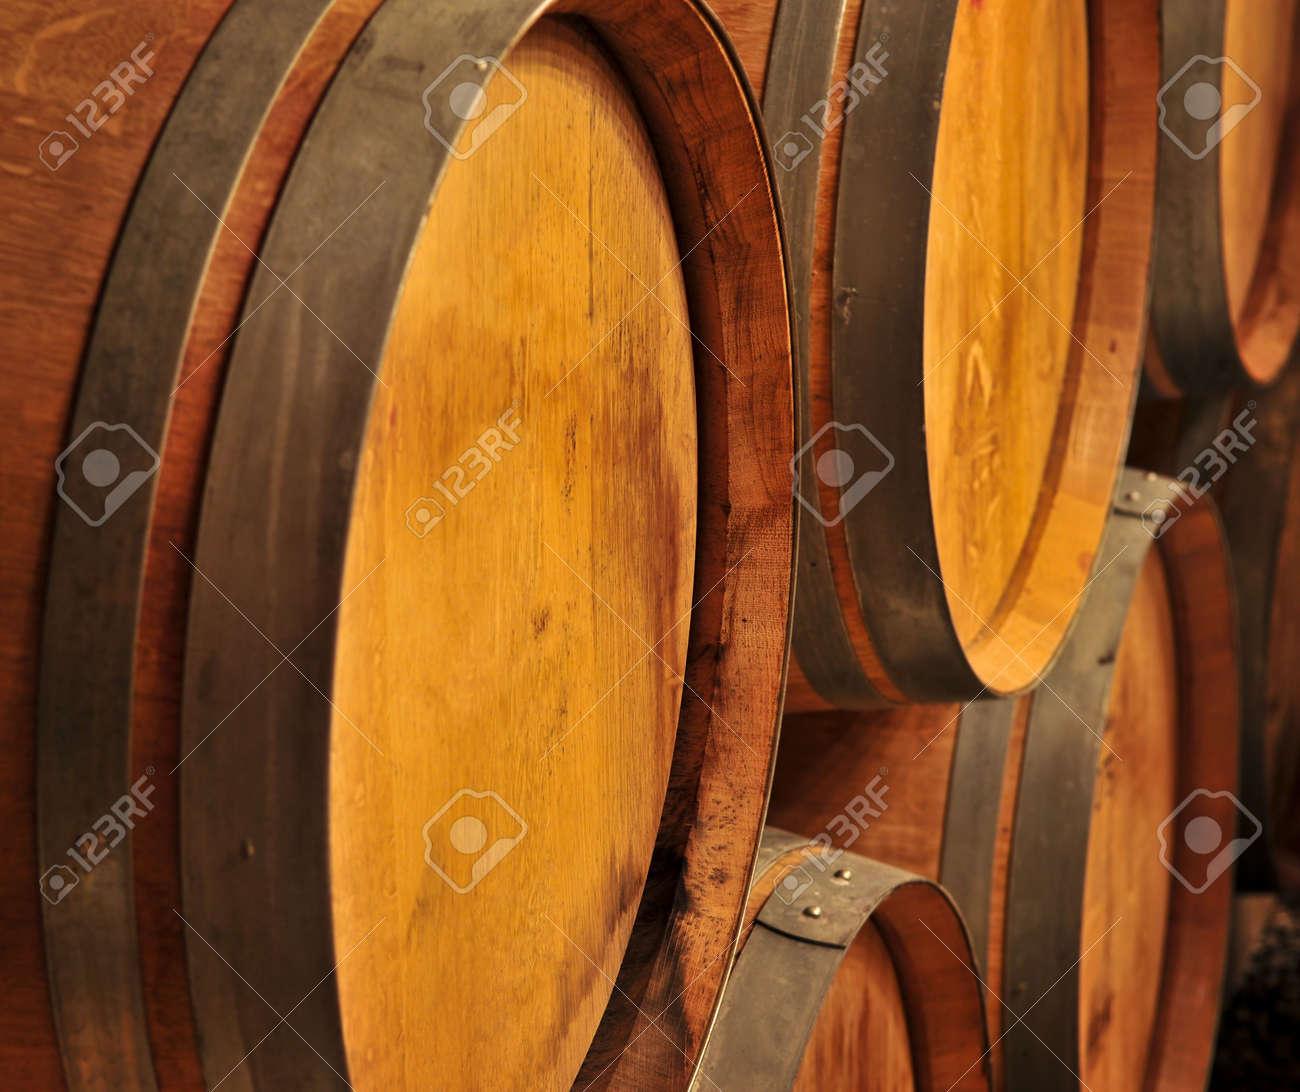 Stacked oak wine barrels in winery cellar Stock Photo - 4710534